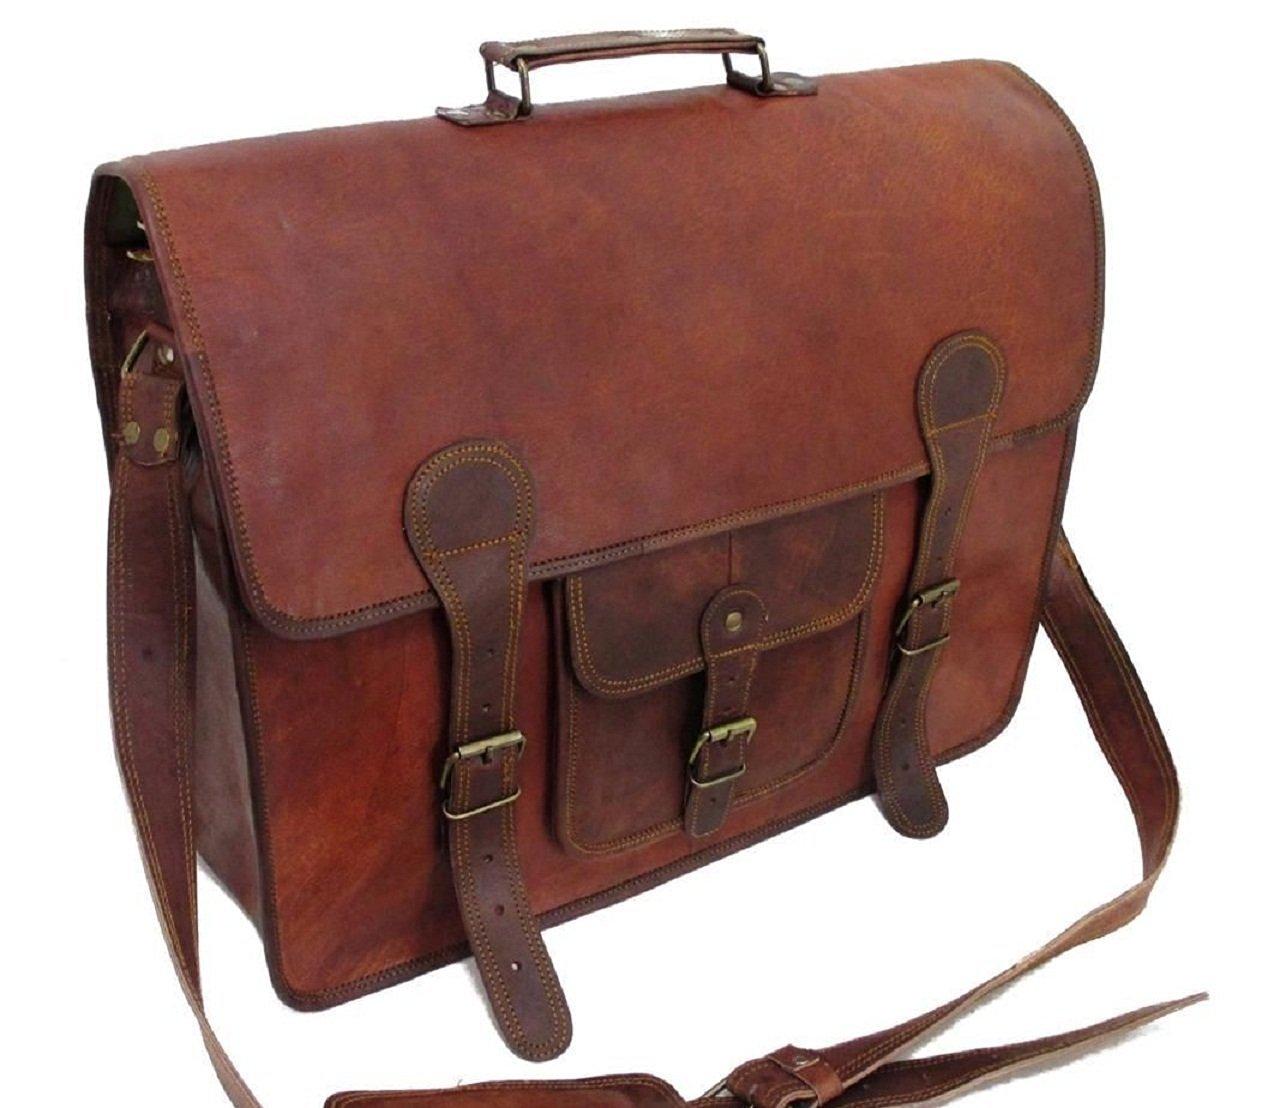 3d5a1e9989b Get Quotations · Phoenix Craft Men s Large Genuine Vintage Brown Leather  Messenger Bag Shoulder Laptop Bag Briefcase 18X13X6 Inches